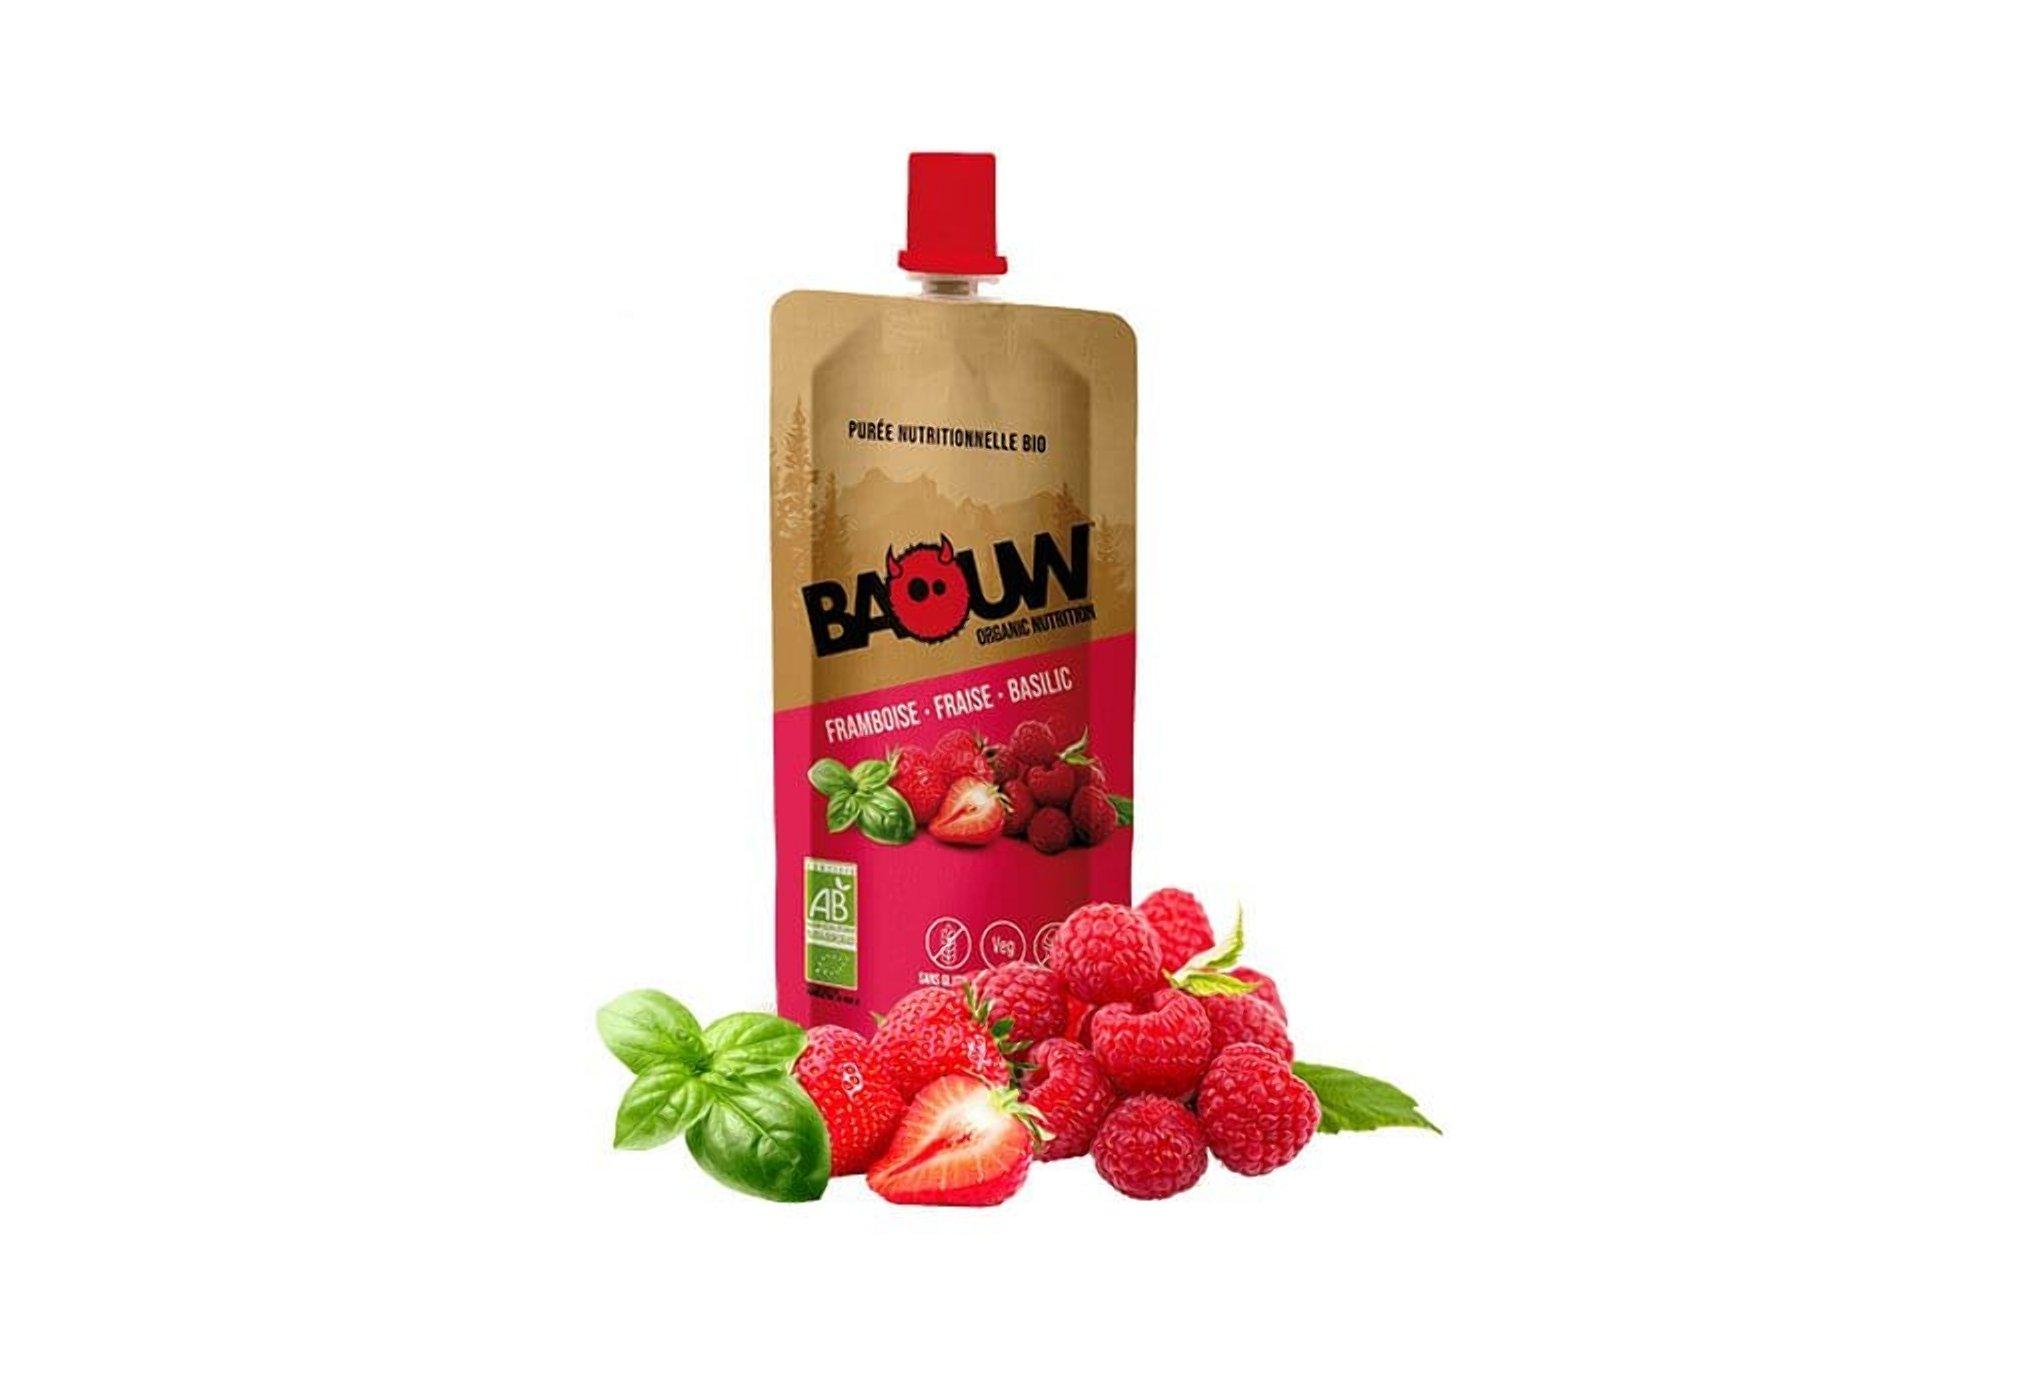 Baouw Purée nutritionnelle bio - Framboise - Fraise - Basilic Diététique Gels